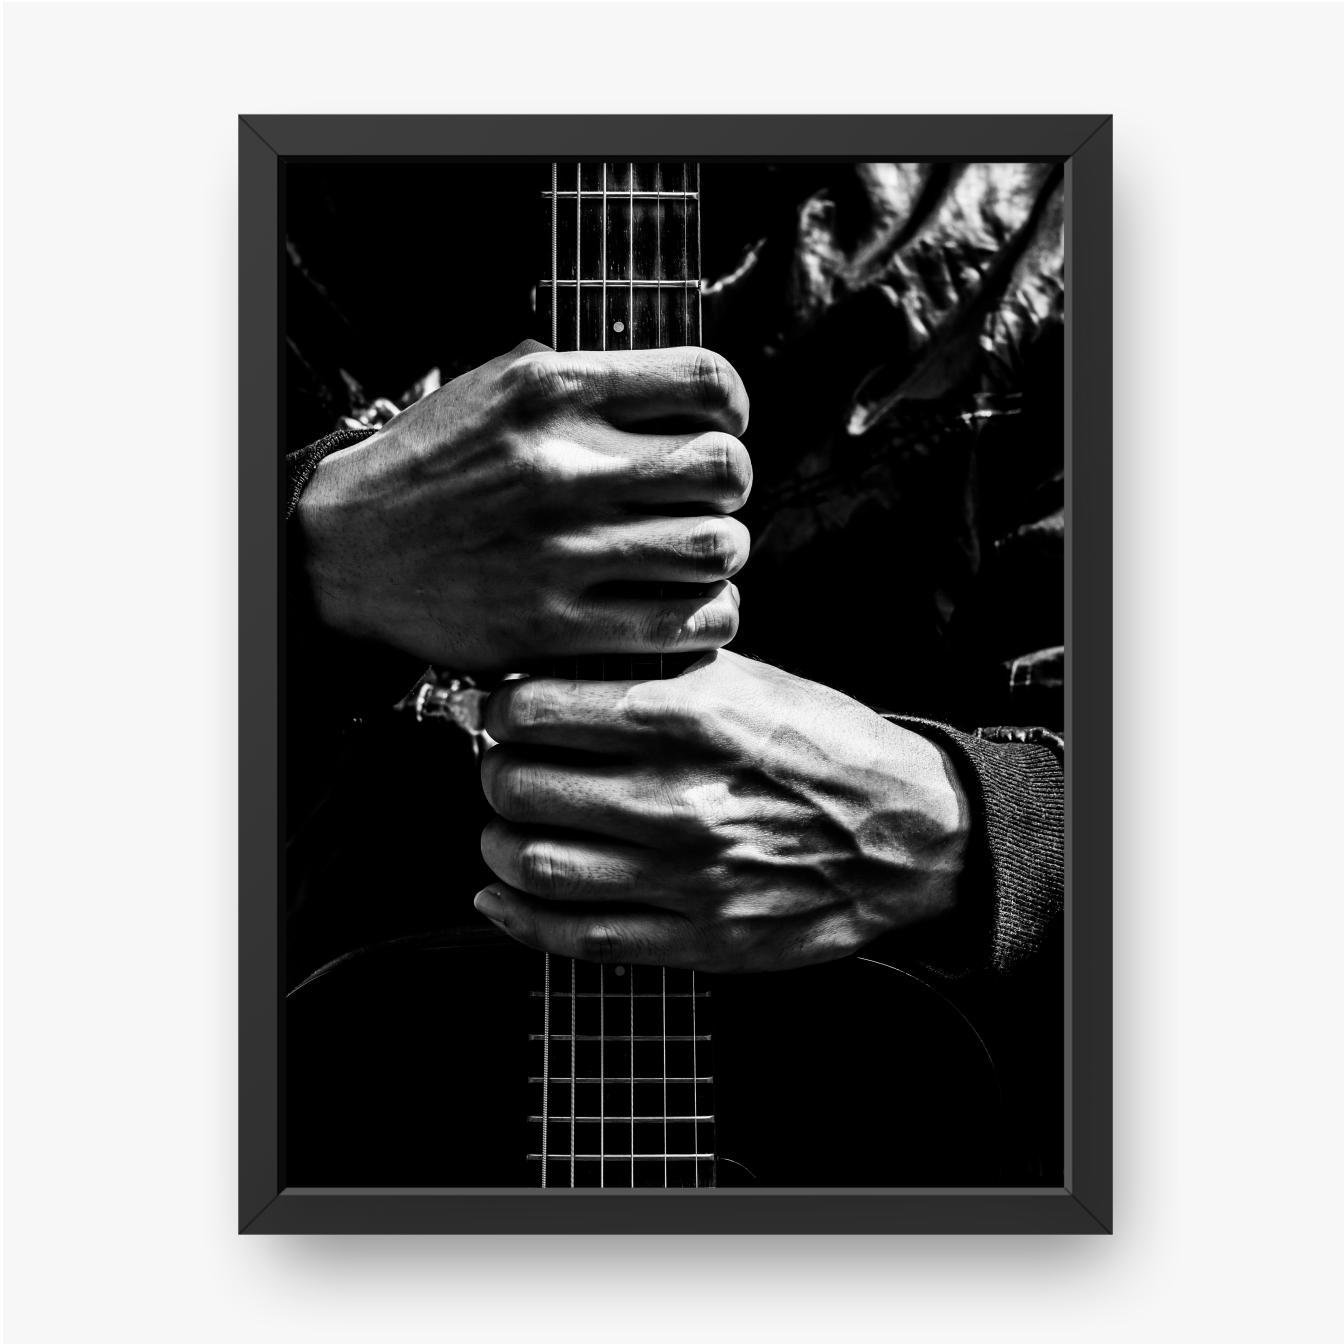 Der Musiker hält eine Gitarre in den Händen